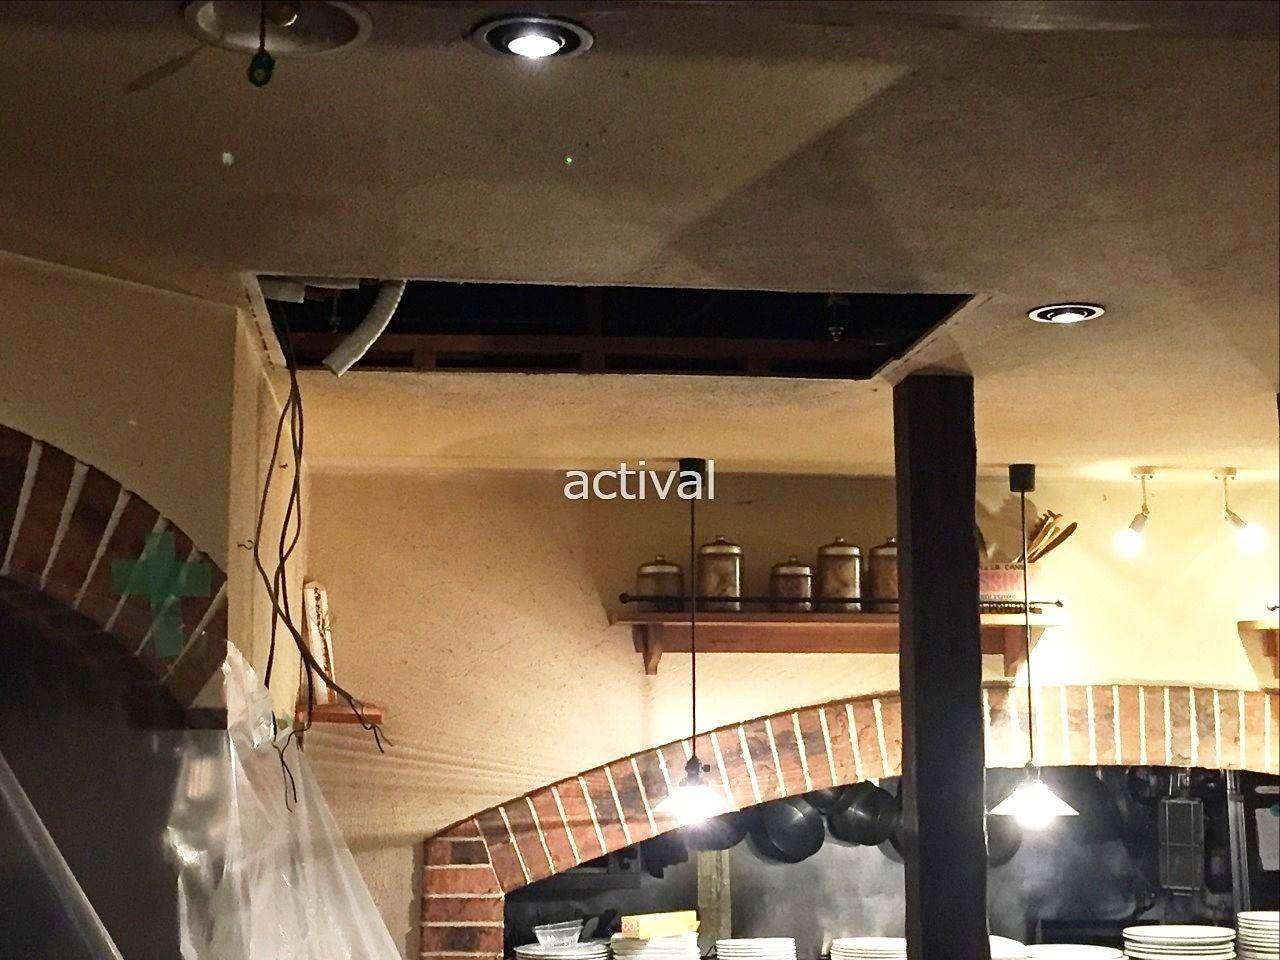 天井埋め込み型のエアコン工事の様子①です。